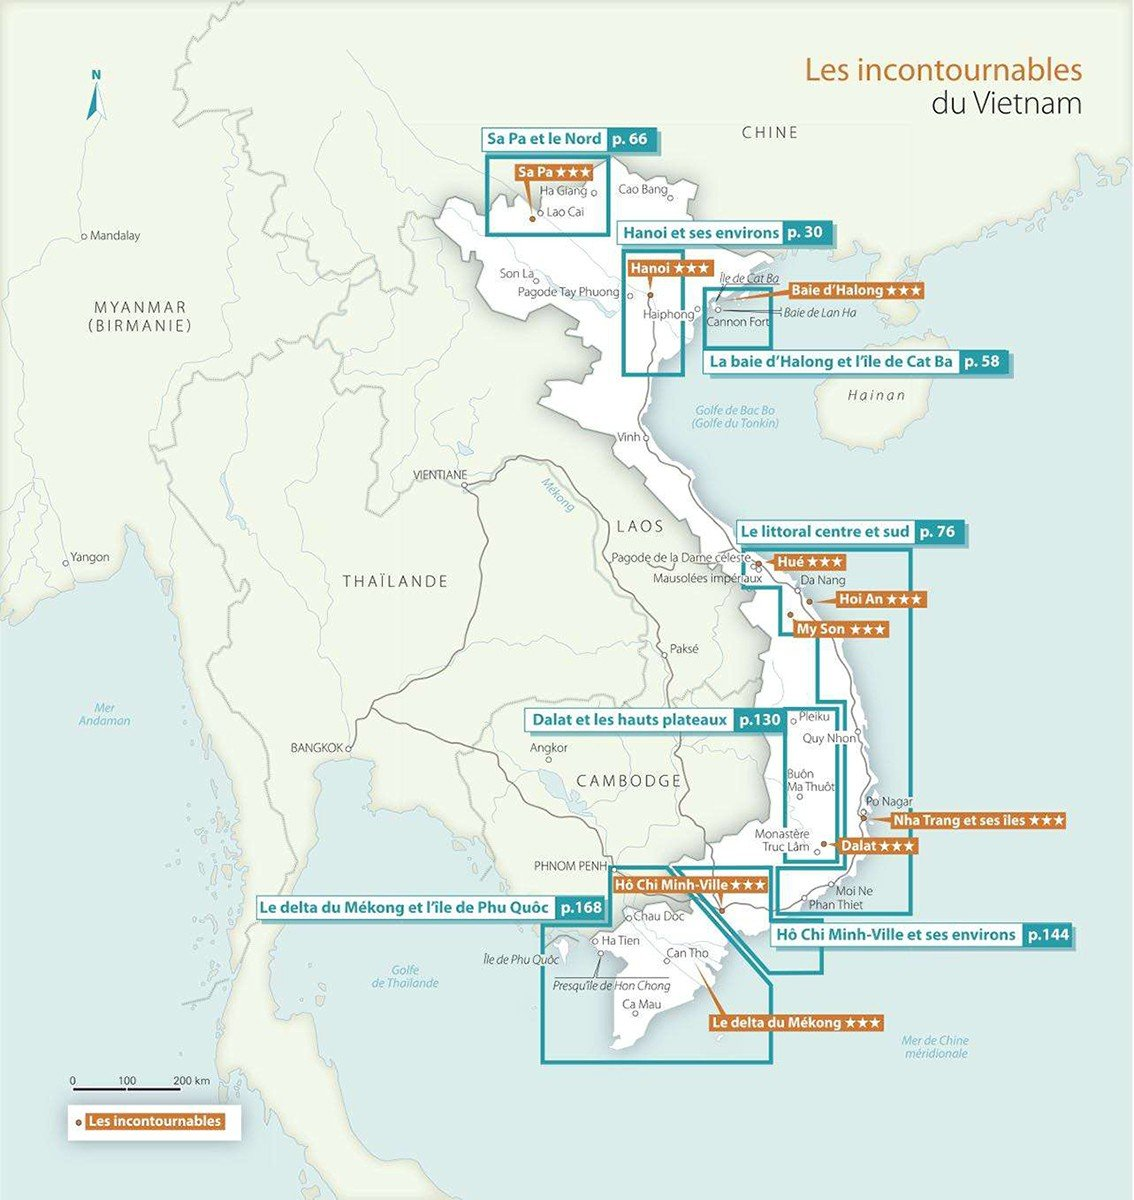 Exceptionnel Les 8 plus belles plages du Vietnam | Le blog Evasion NY82